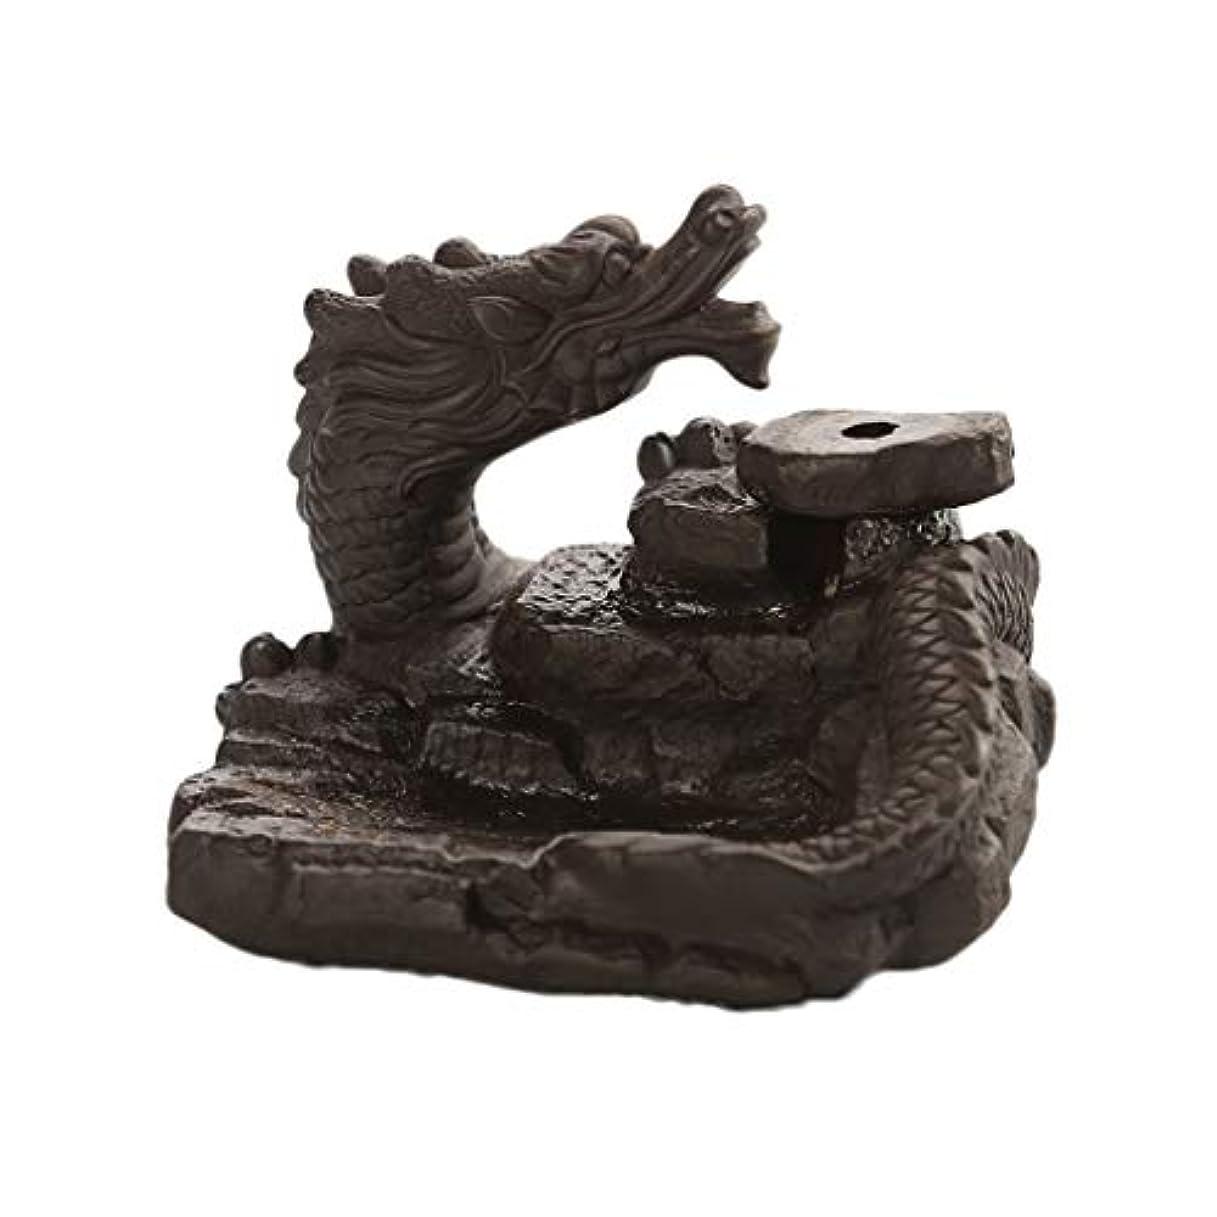 海岸空いているエンジニア家の装飾ドラゴン逆流還流香バーナーセラミックスティックホルダーコーンセンサー茶室飾り香炉 (Color : Black, サイズ : 3.46*3.14*2.36 inches)